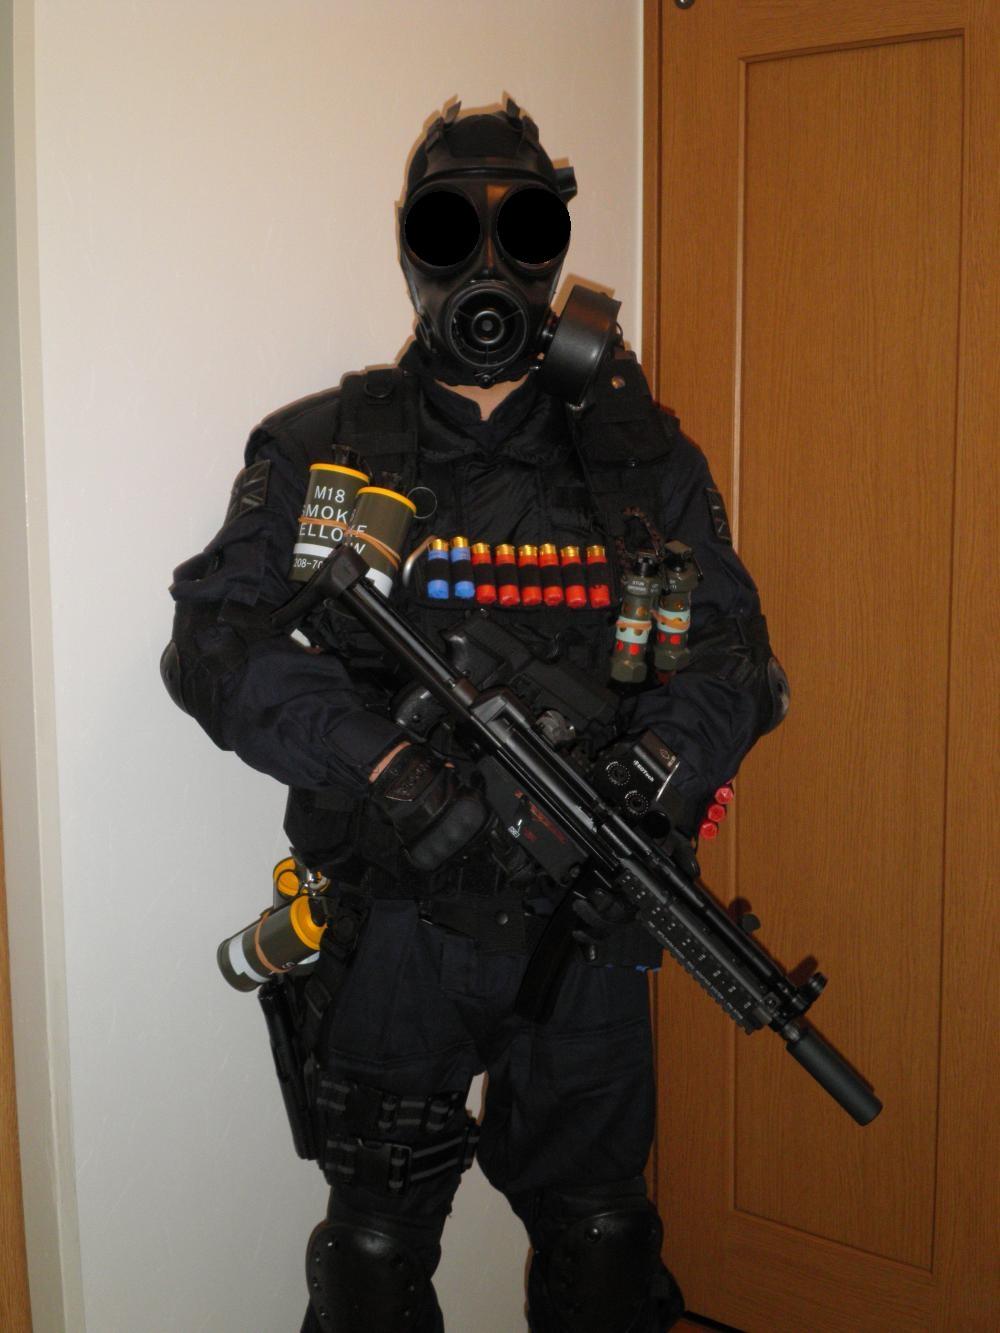 Shunな日常 MW3 SAS インドア装備その5